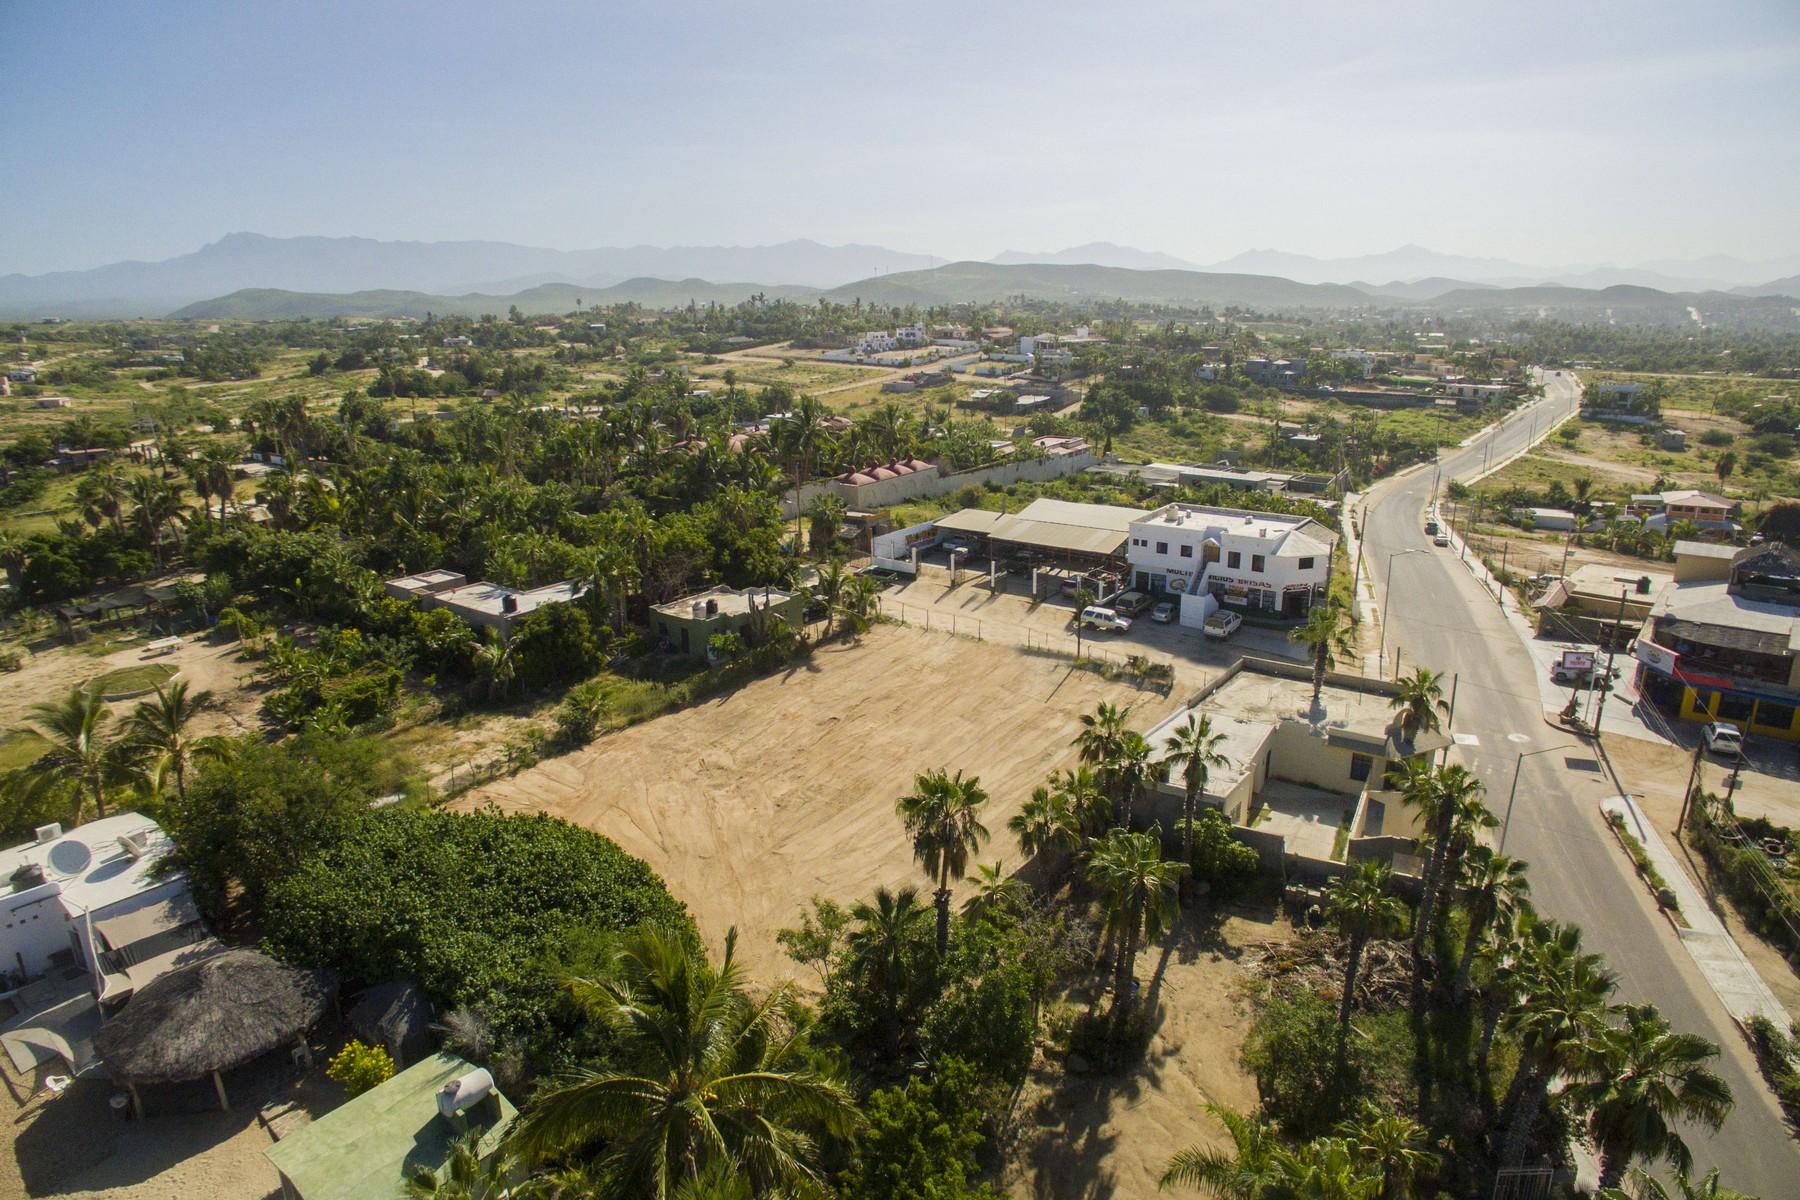 Land for Sale at Lote Mercado Del Sol Centro, Todos Santos Todos Santos, Baja California Sur 23300 Mexico